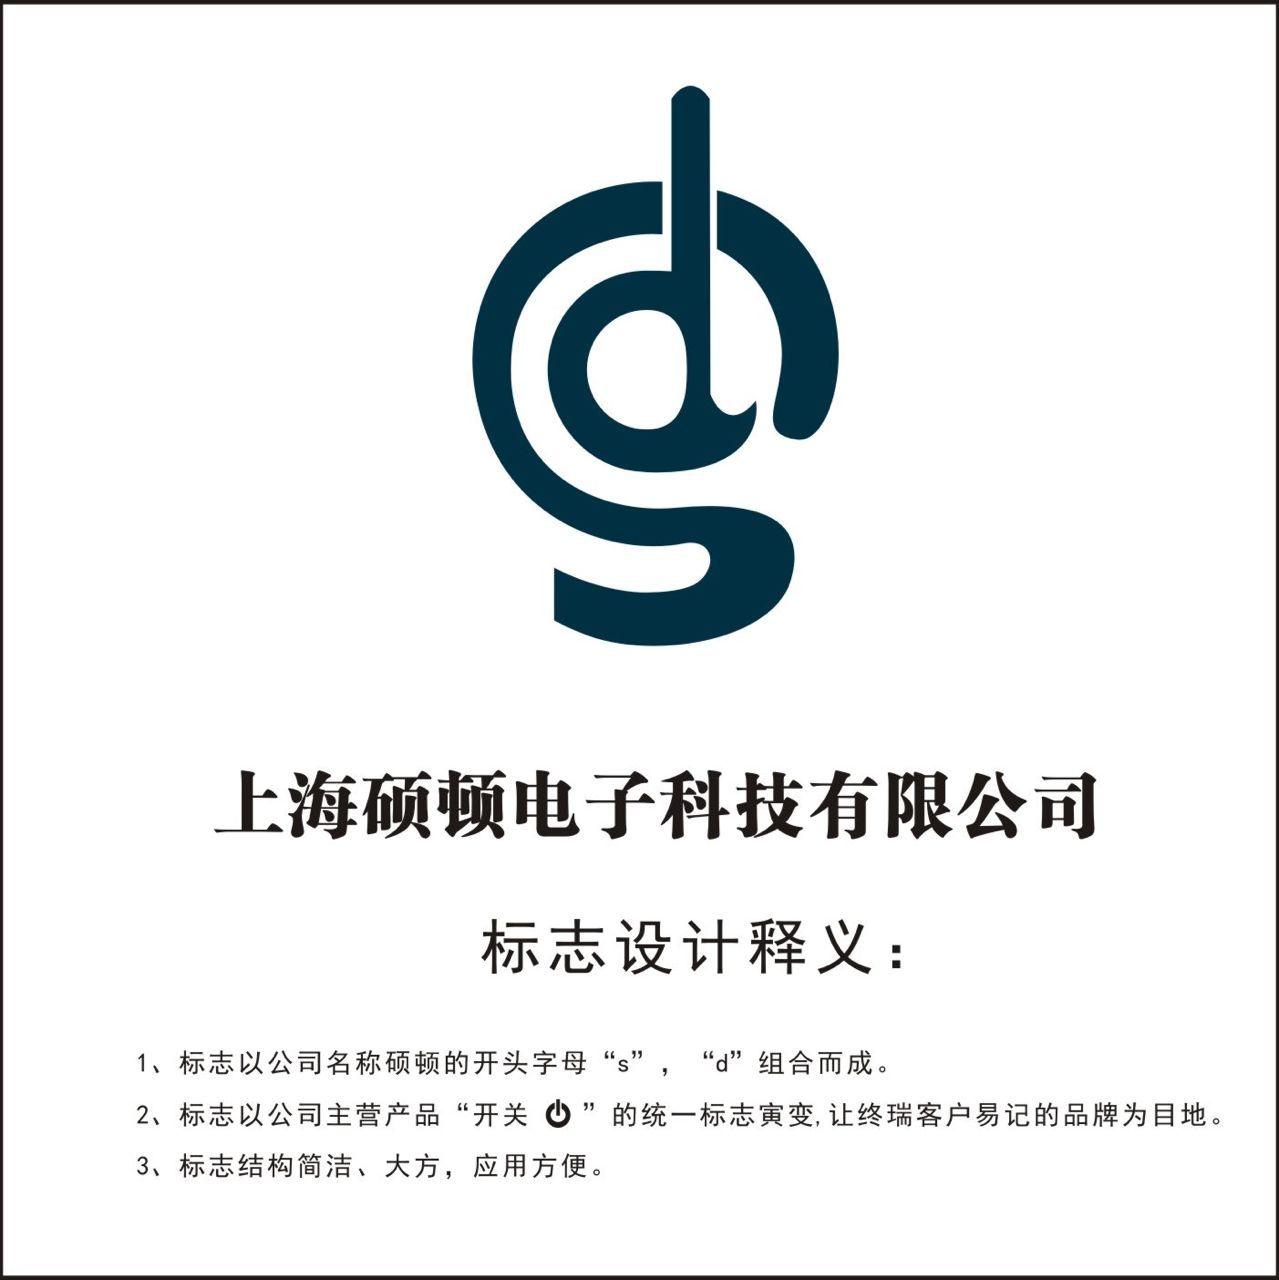 上海硕顿电子科技有限公司